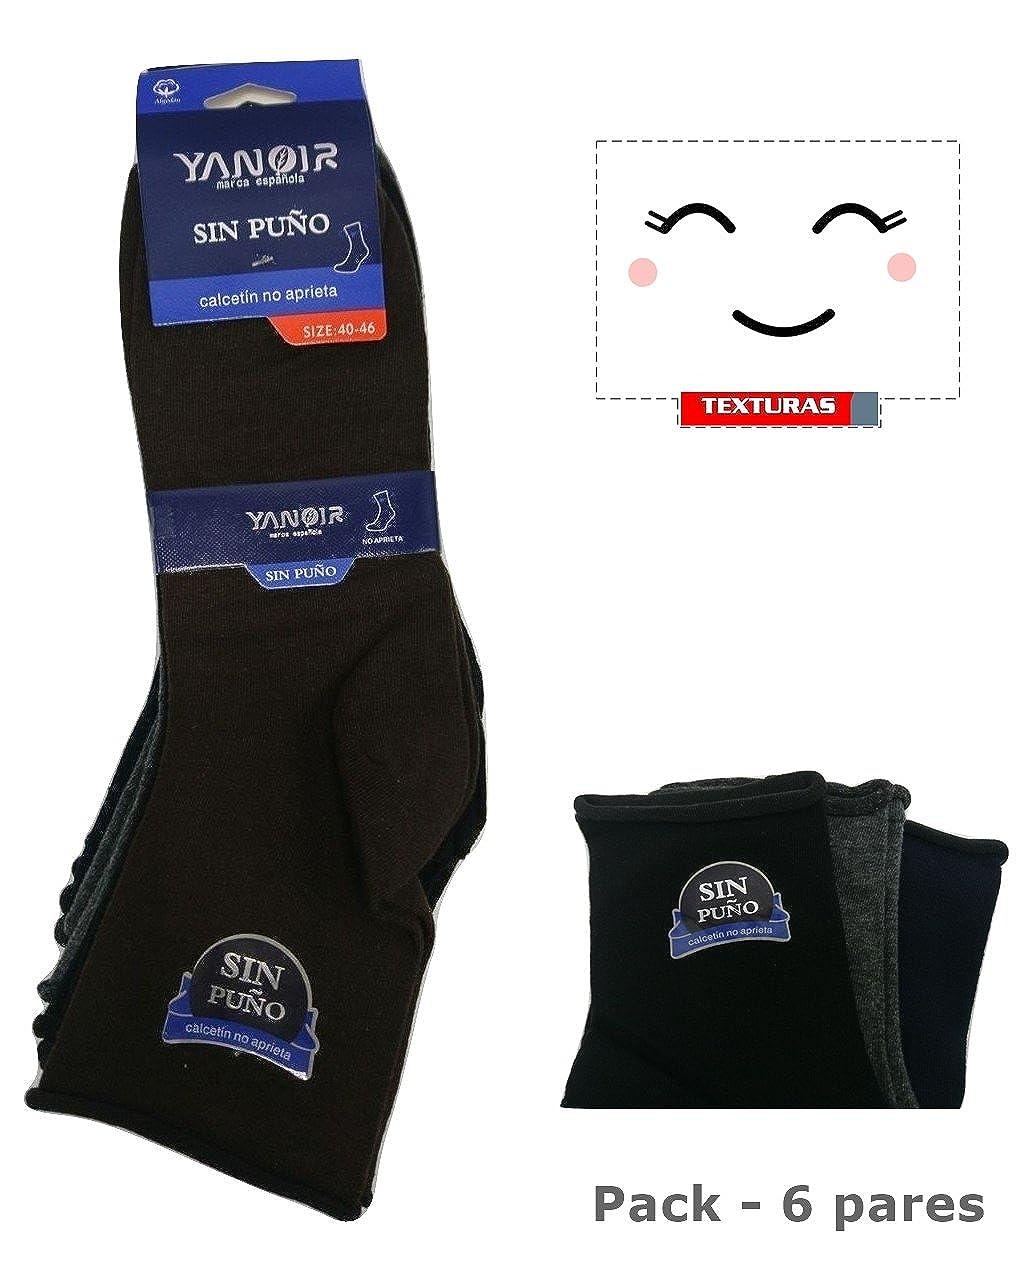 TEXTURAS HOME - Pack - 6 Calcetines Algodón YANOIR Surtidos ANTIPRESS (Sin Puño) Talla única 40-46: Amazon.es: Ropa y accesorios